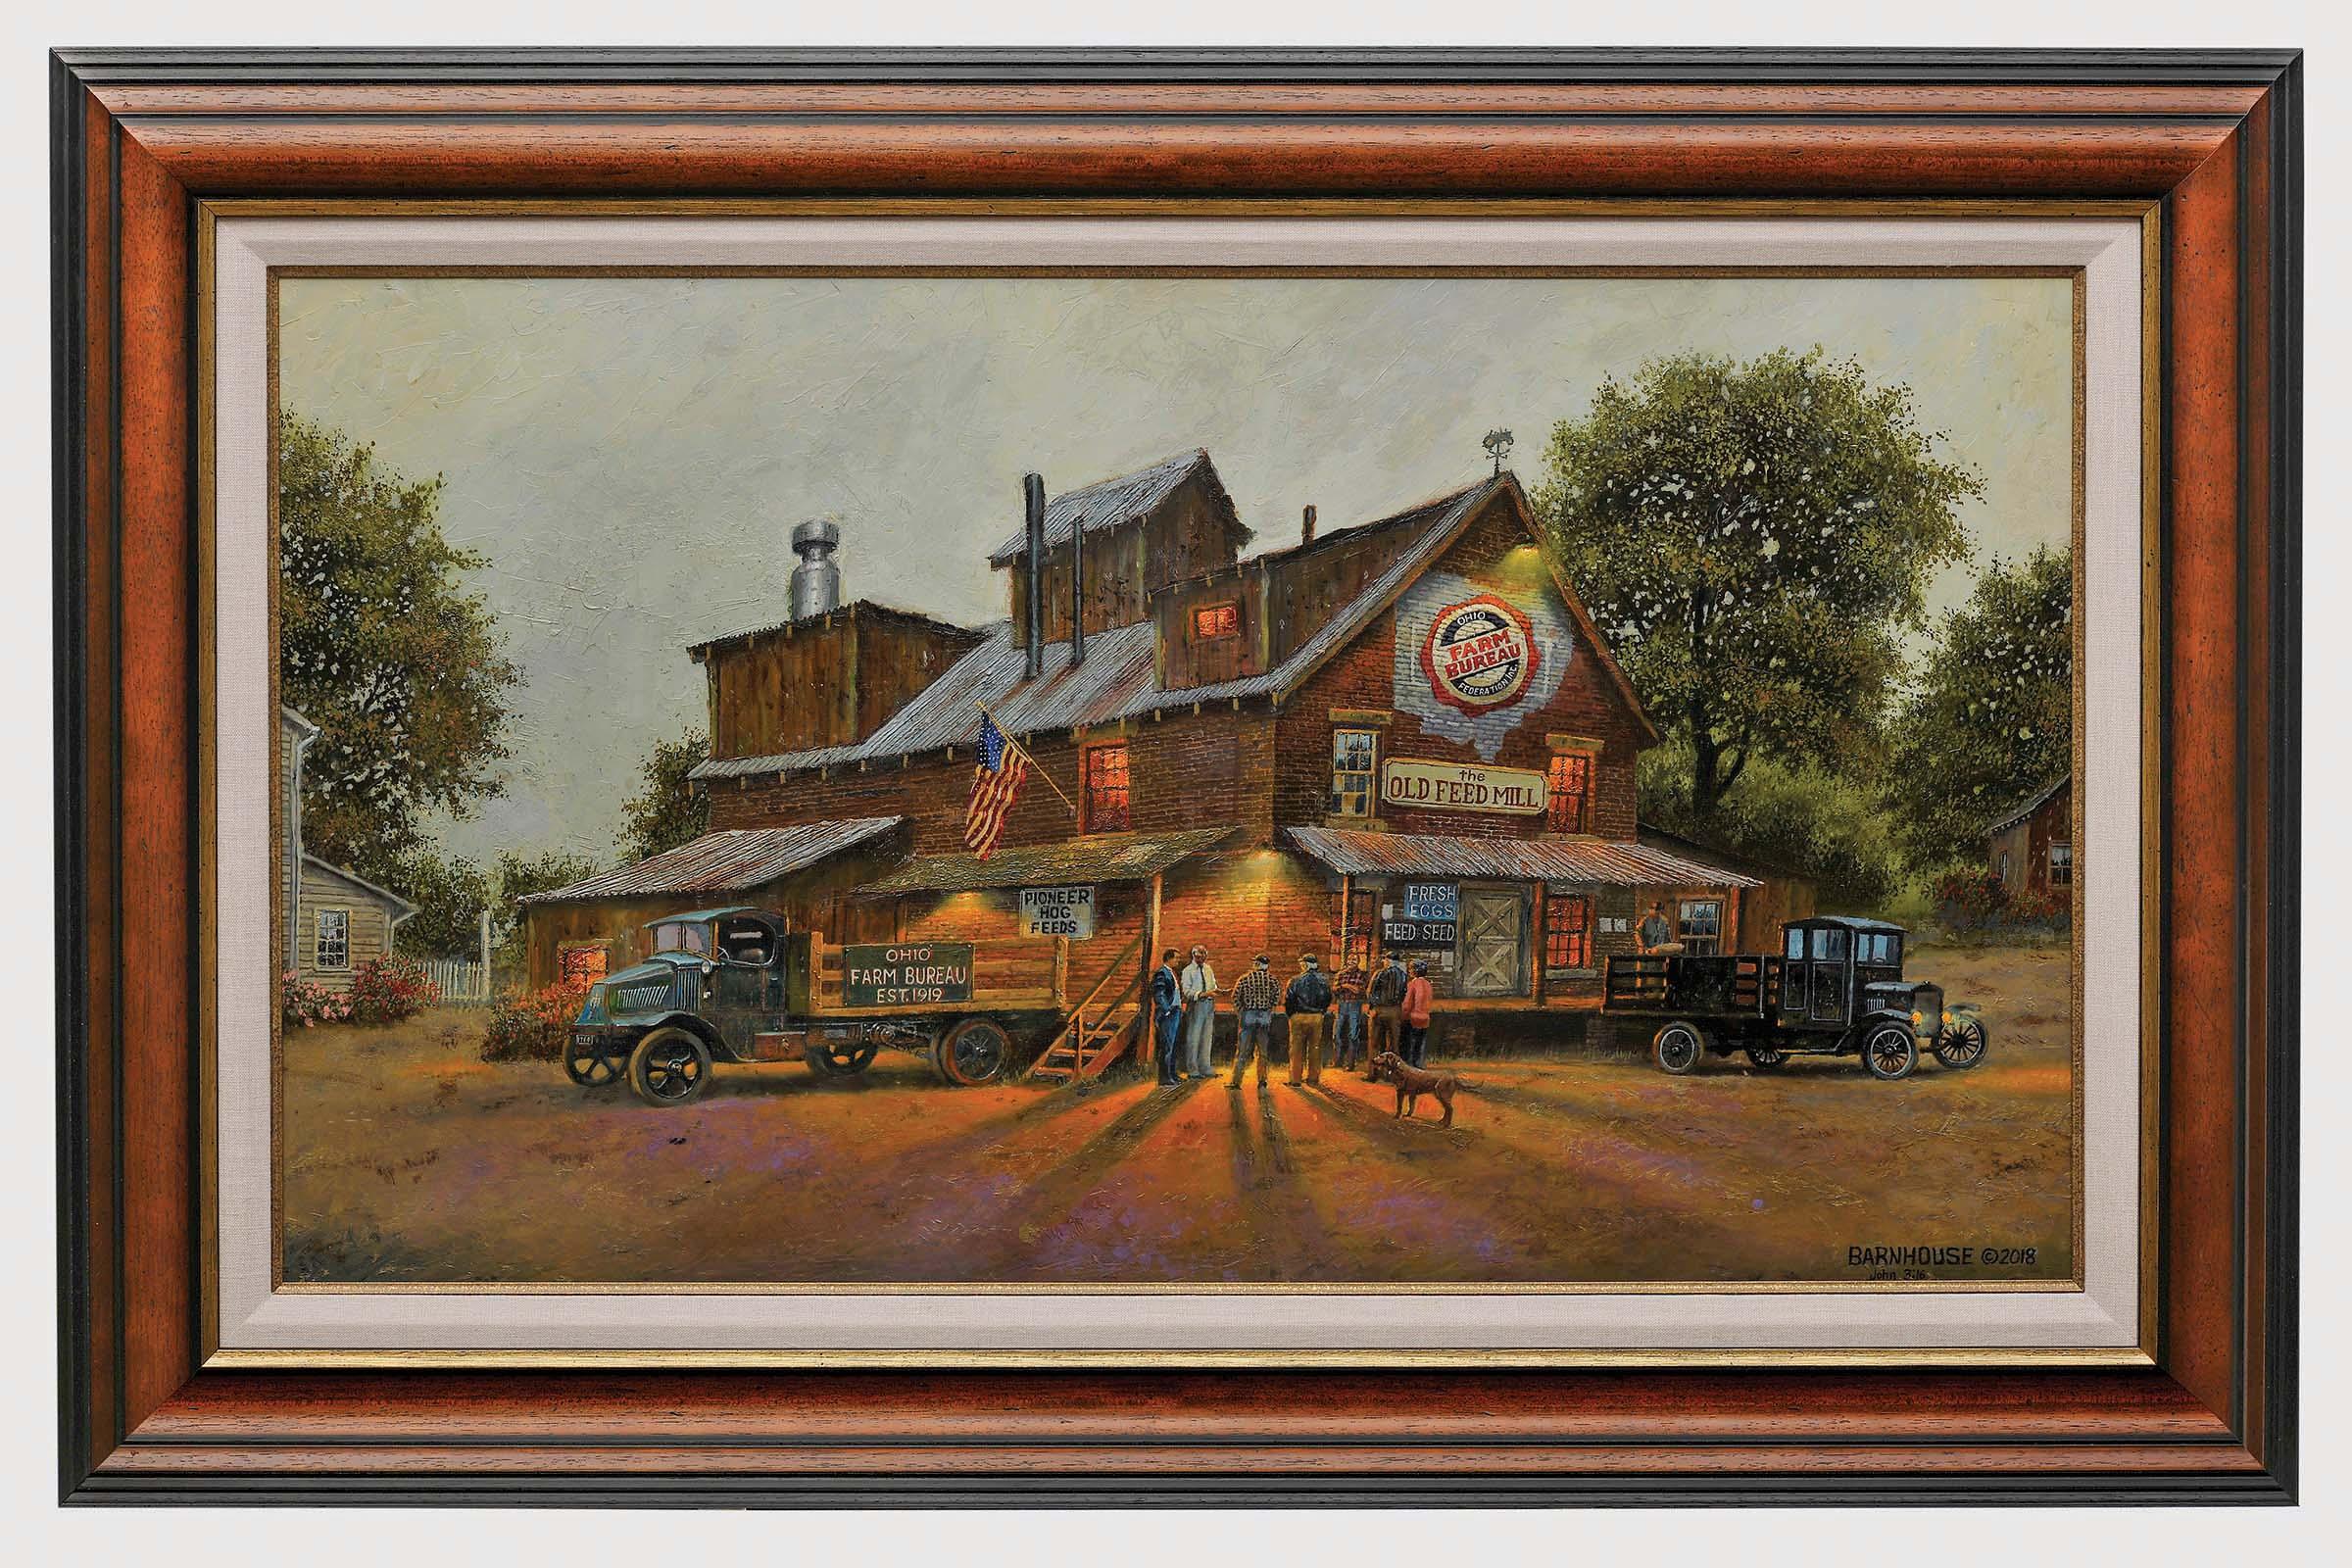 barnhouse6090